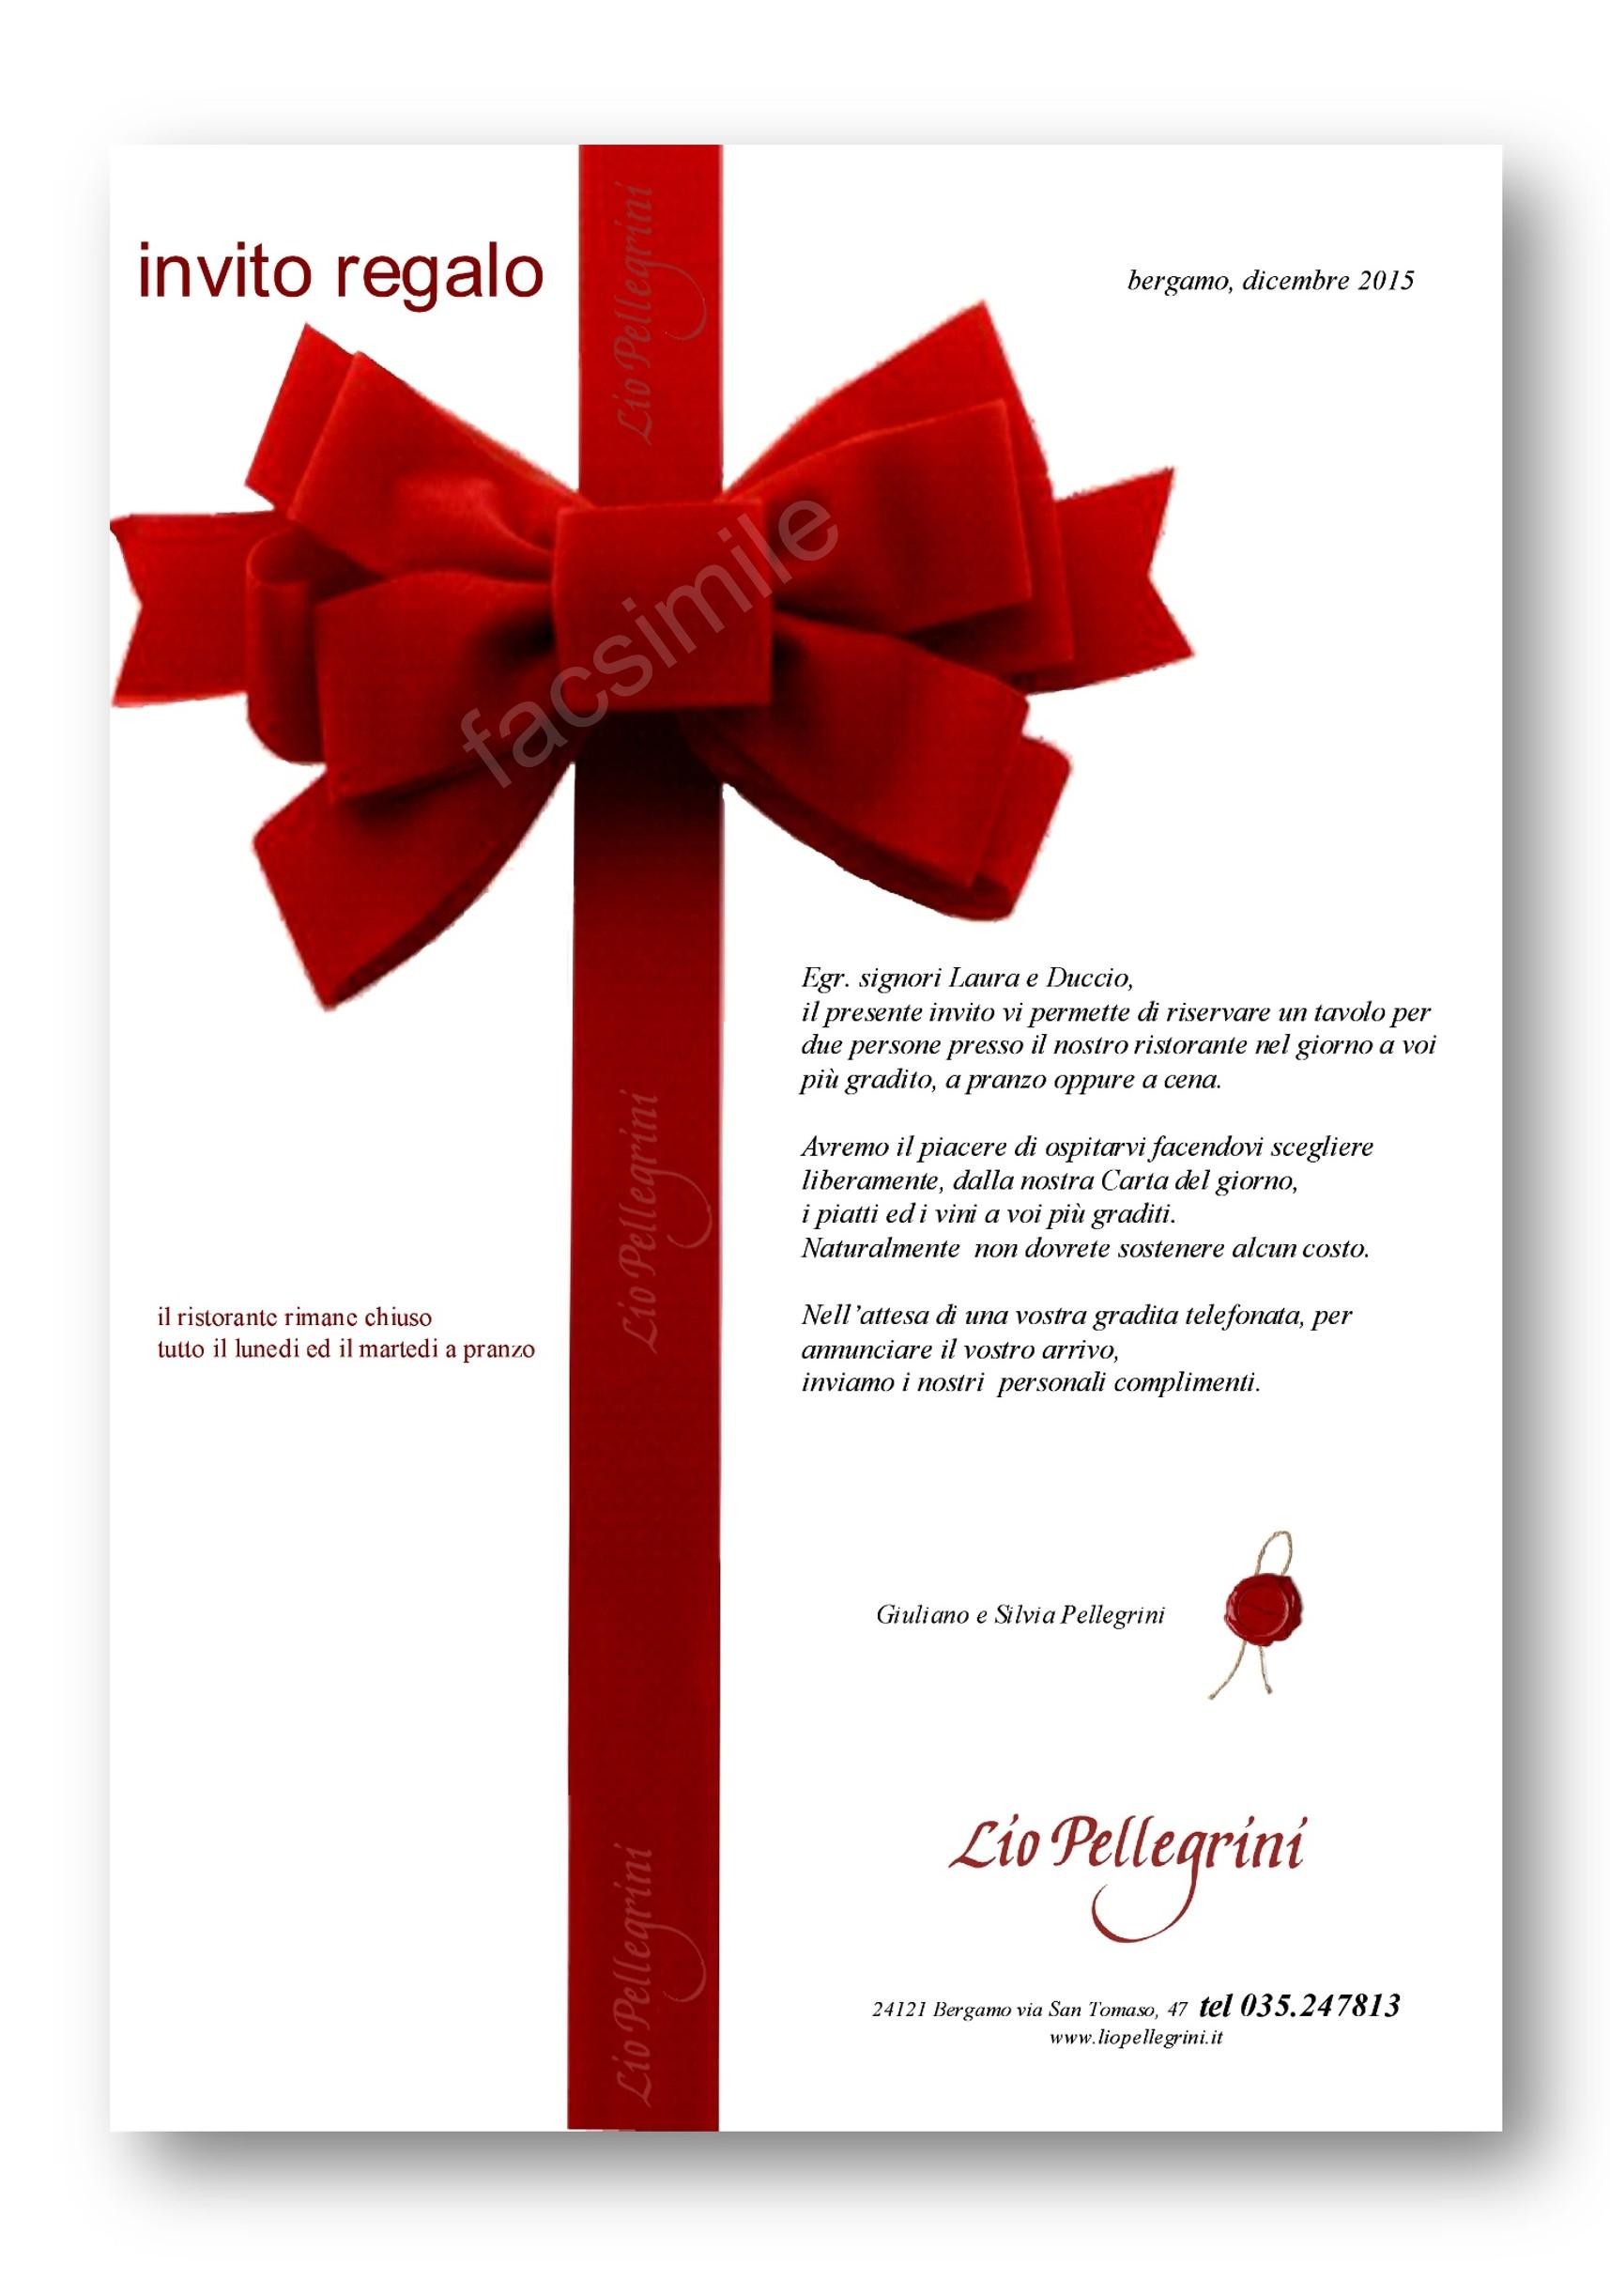 regala una cena | Lio Pellegrini Ristorante